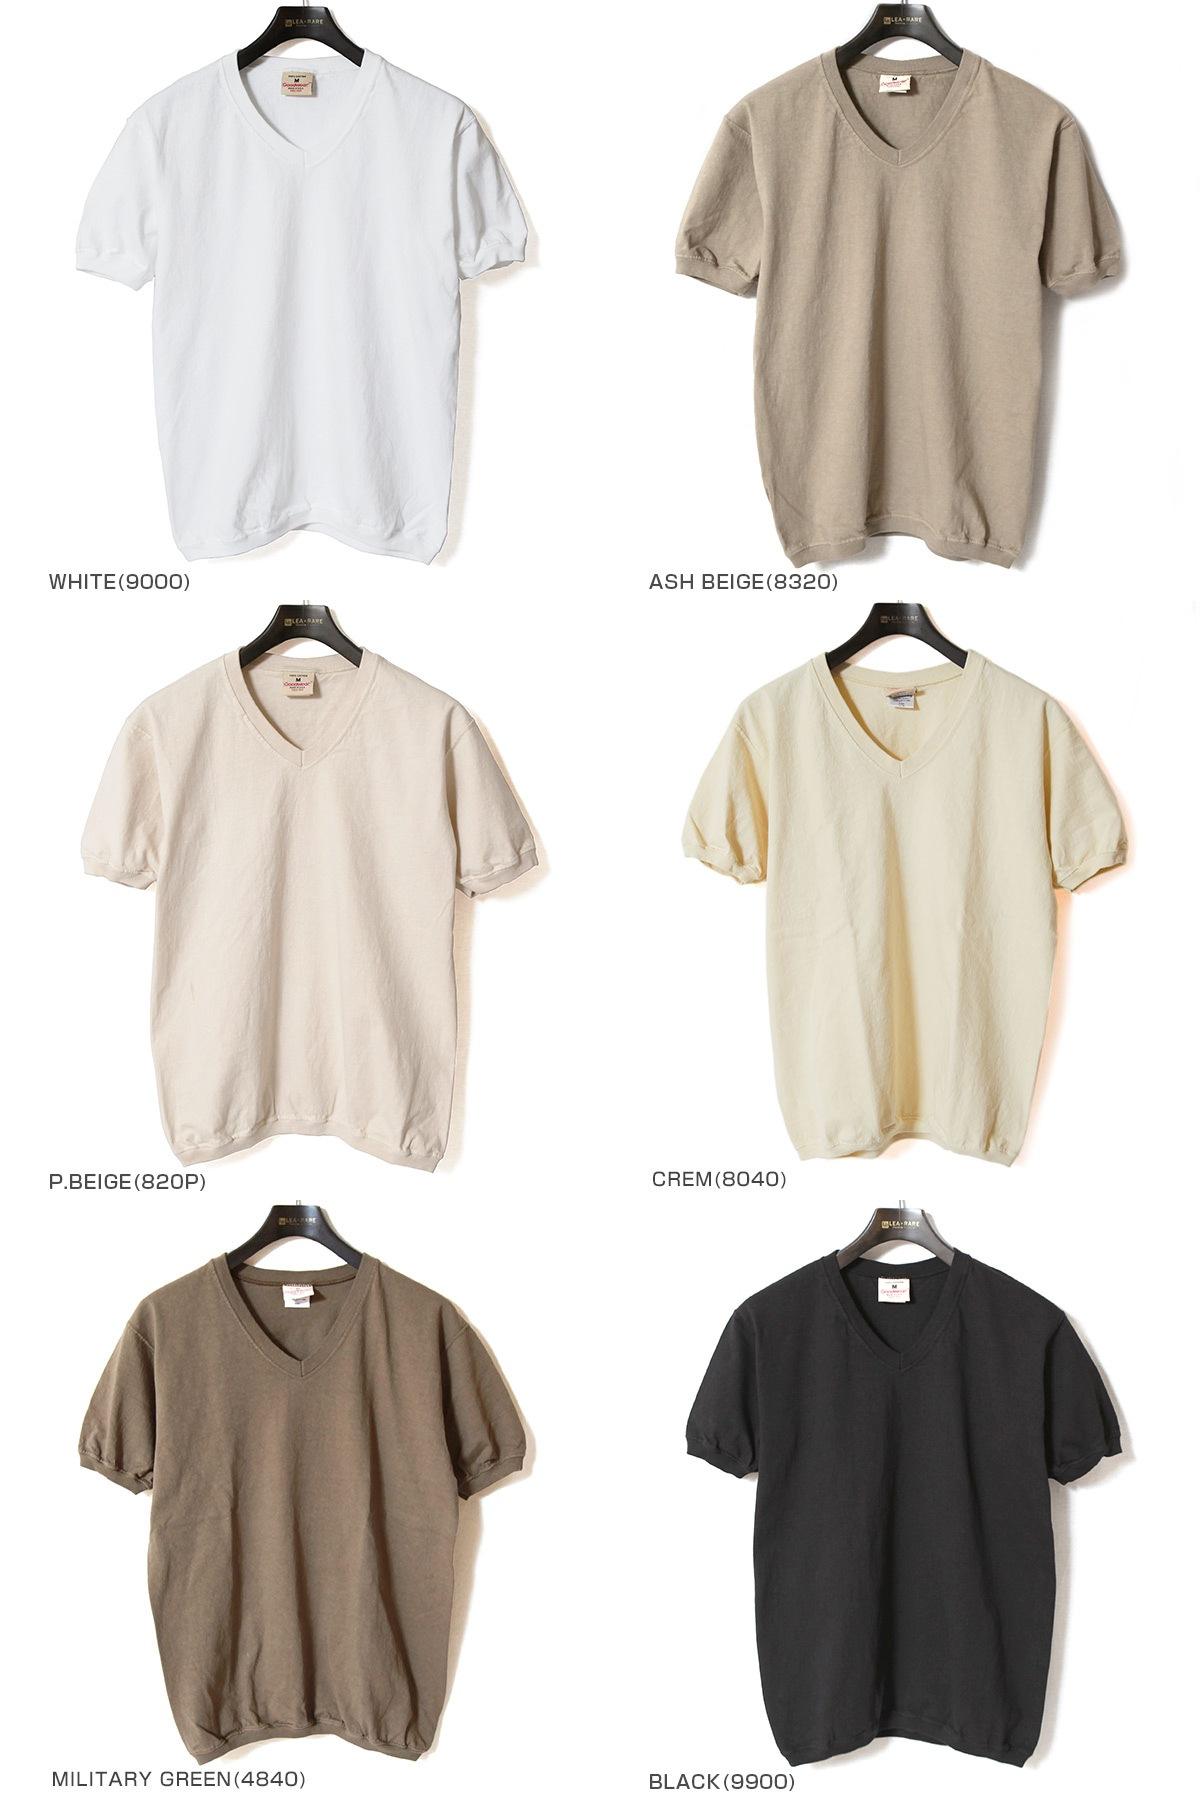 グッドウェア GOODWEAR V-NECK S/S T-SHIRTS CUFF AND BOTTOM RIB Vネックリブ付きTシャツ NGW1701 【ユニセックス】